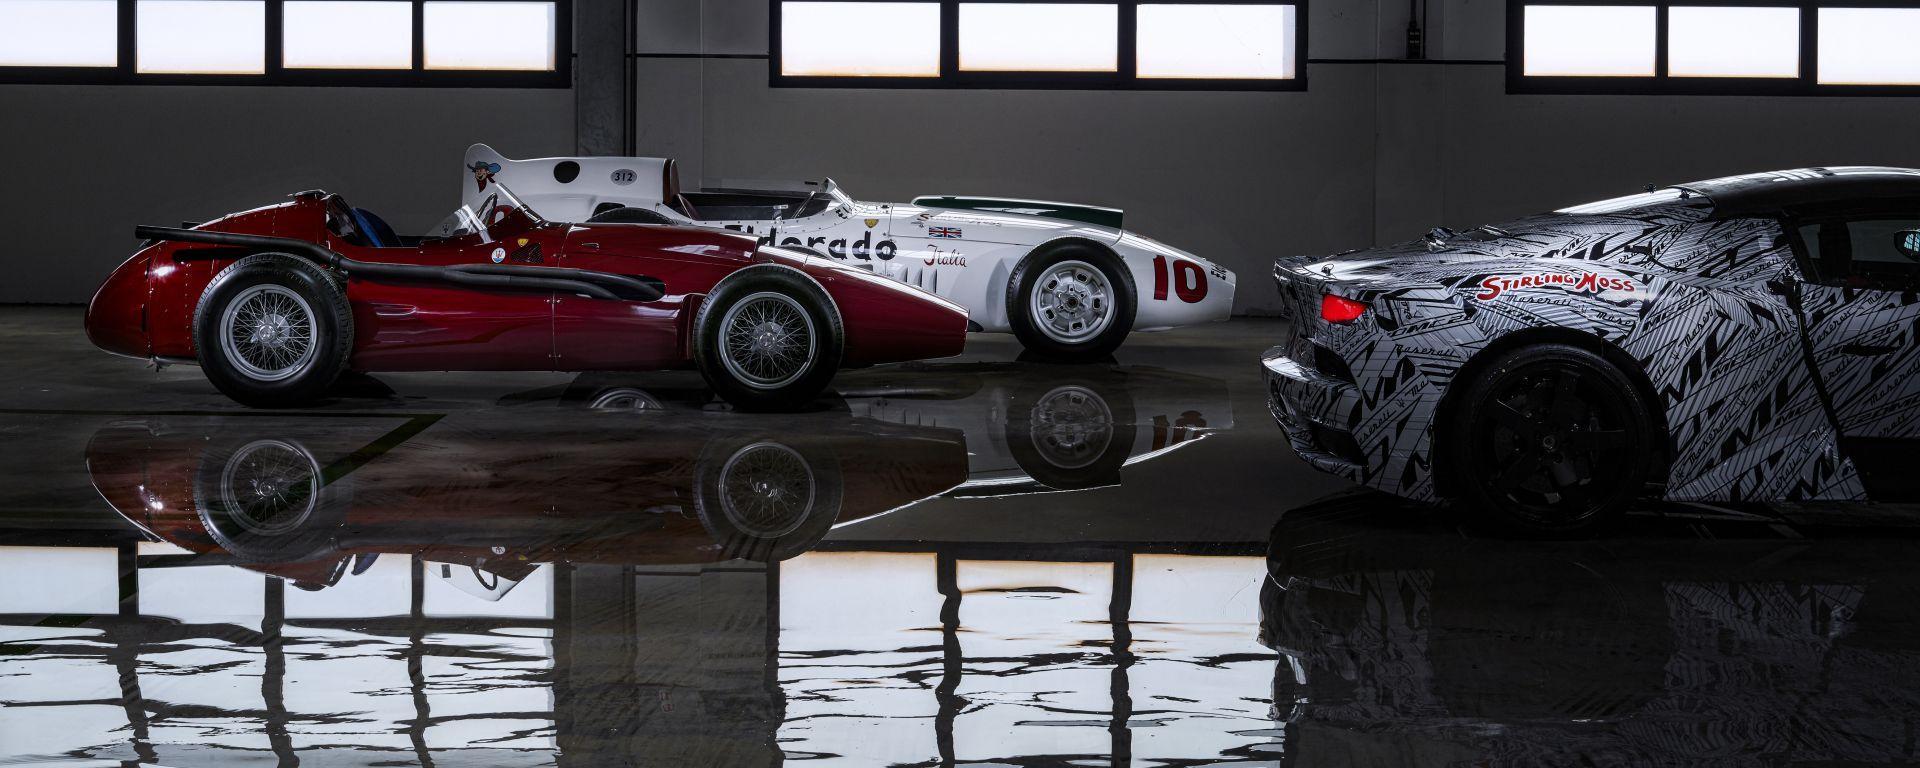 Maserati: il prototipo della MC 20 in compagnia delle antenate 250F e 250F Eldorado